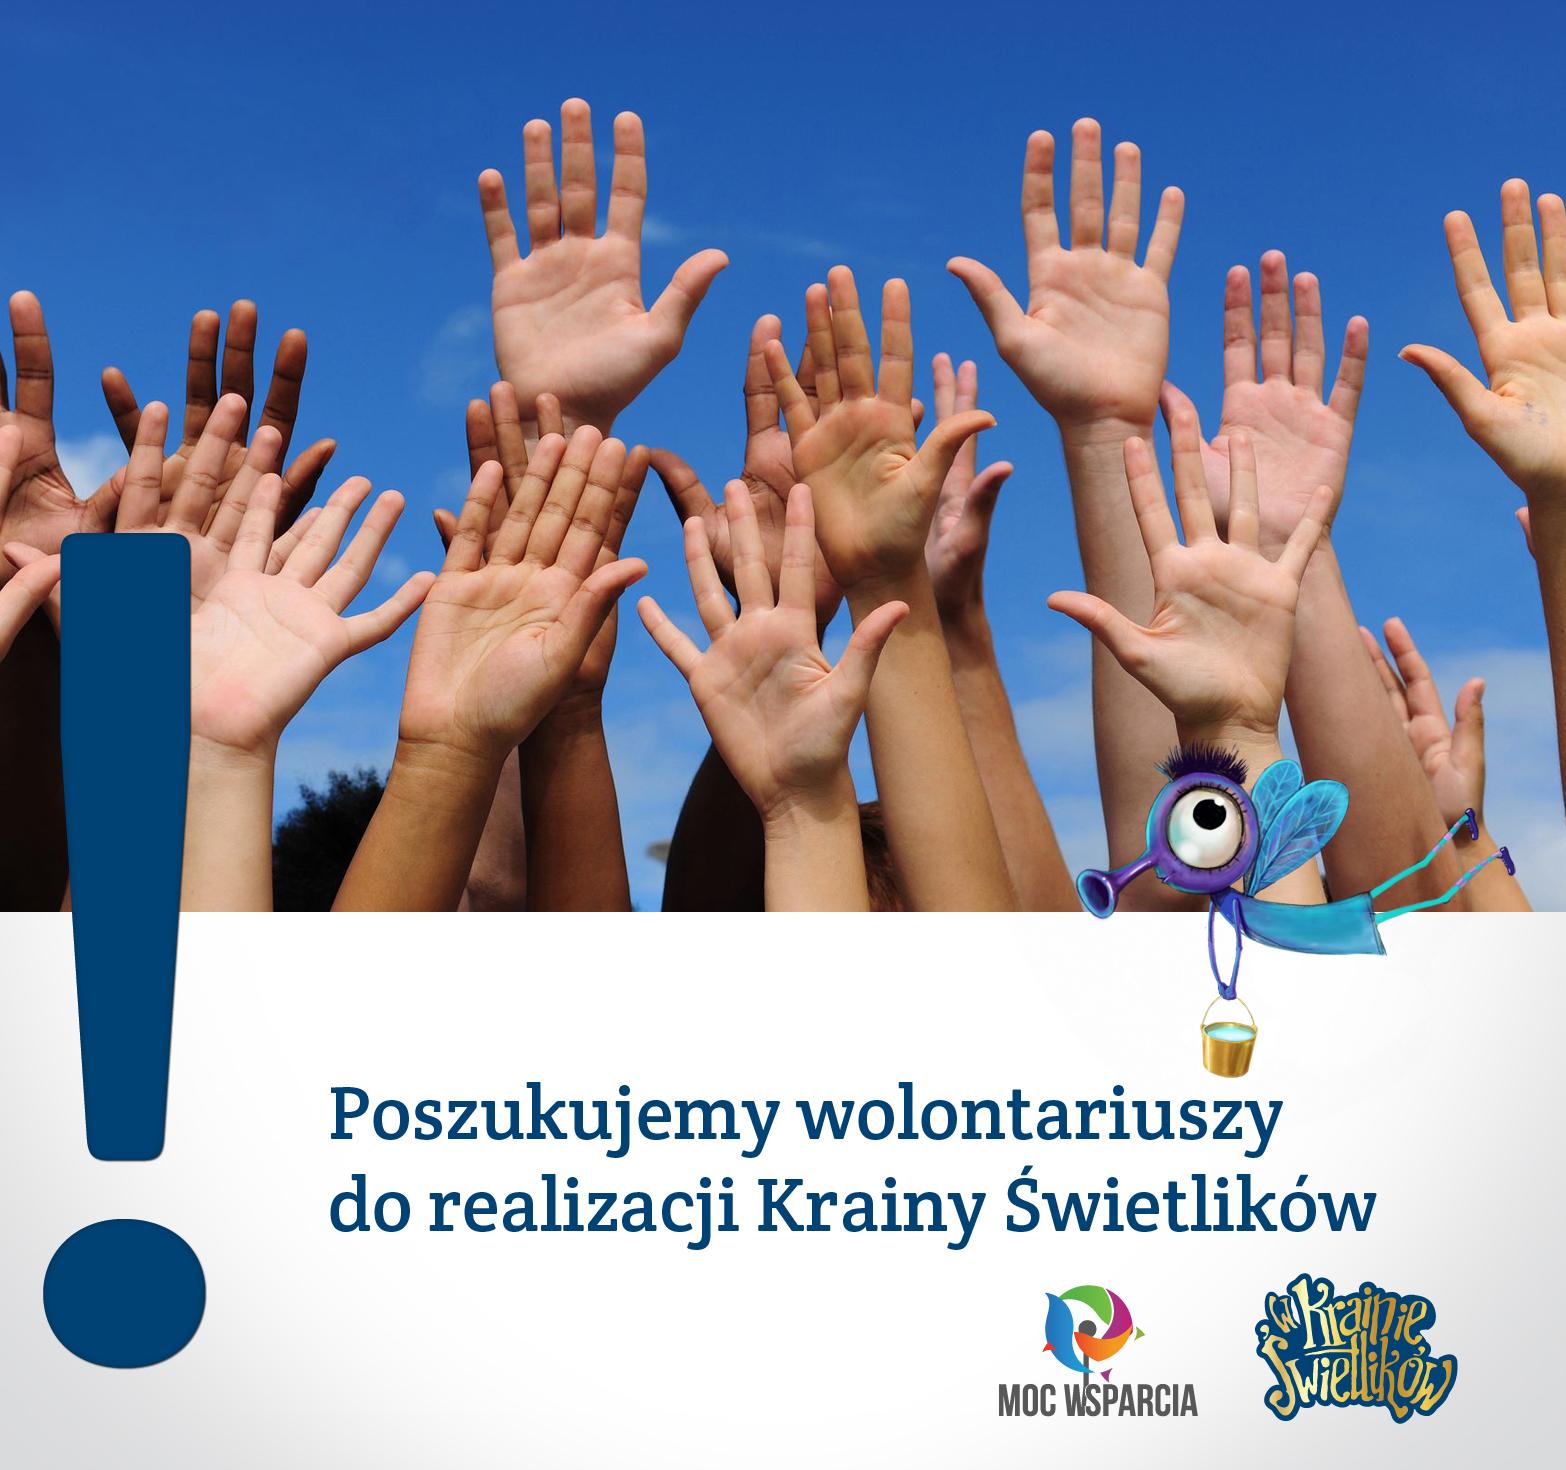 poczukujemy_wolontariuszy